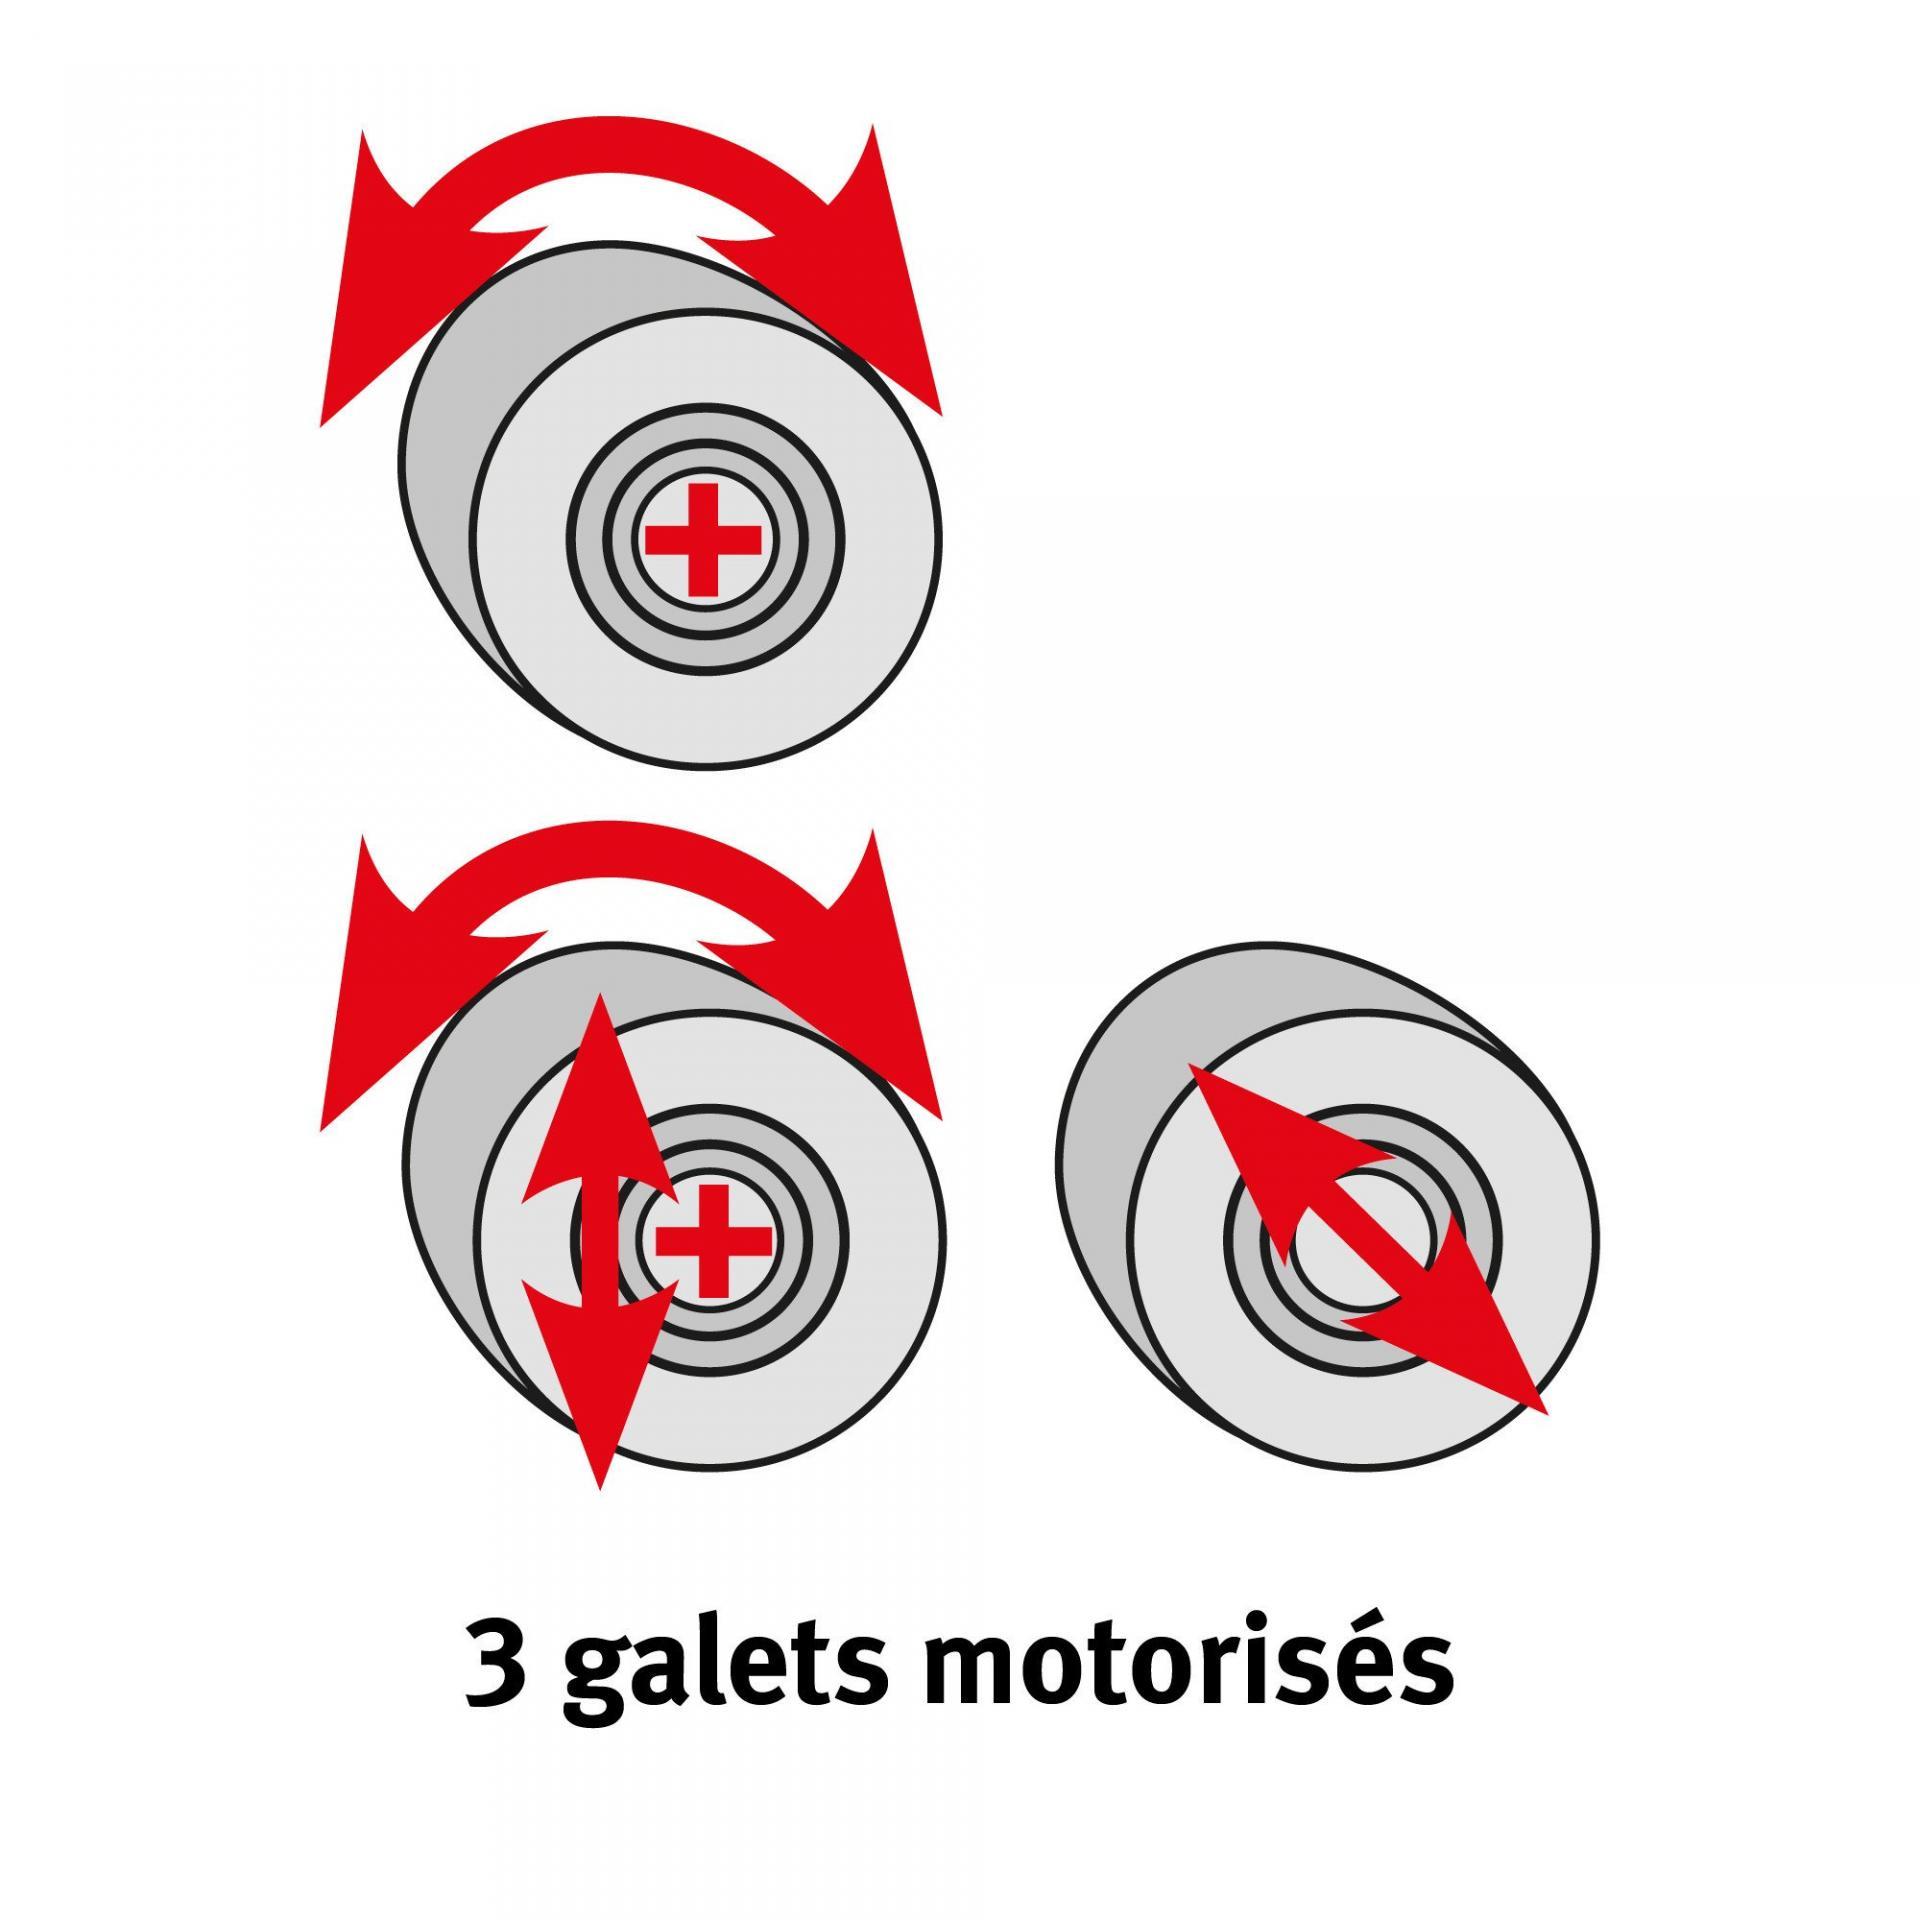 Pack rouleuse asymetrique metallkraft rbm 1305 15 e